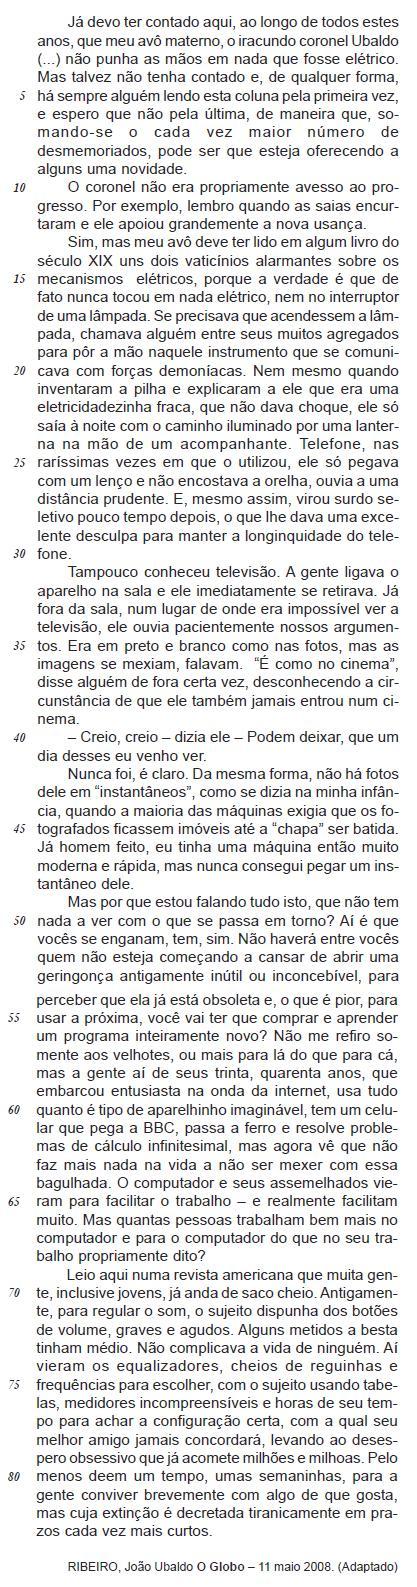 Trecho de texto do João Ubaldo Ribeiro usado em questão da Cesgranrio sobre pronomes possessivos